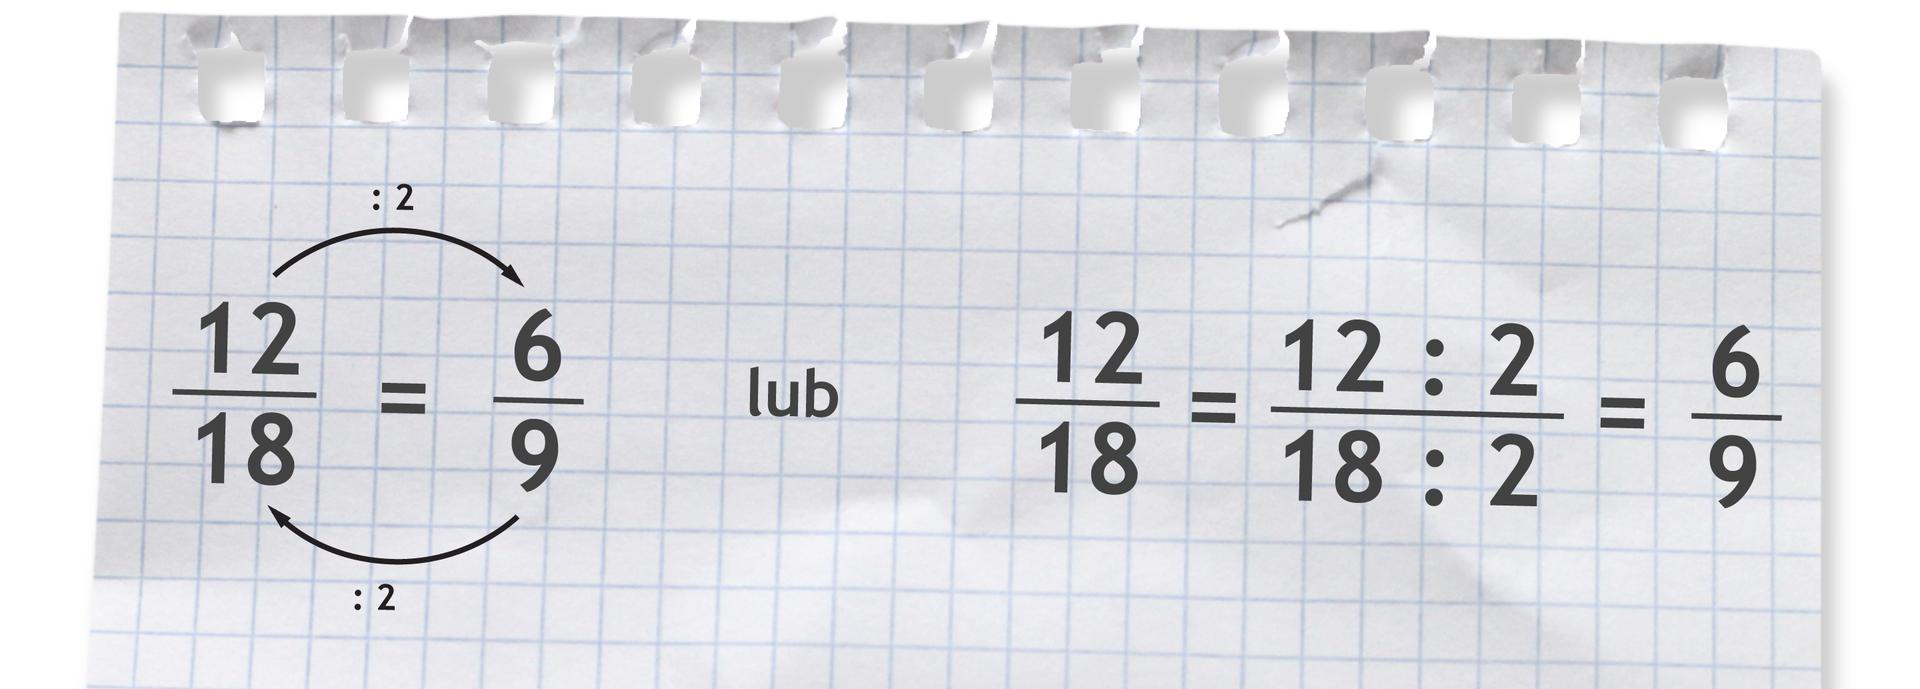 Przykład: ułamek dwanaście osiemnastych. Dzielimy licznik imianownik tego ułamka przez 2. Po skróceniu ułamek dwanaście osiemnastych równa się sześć dziewiątych.